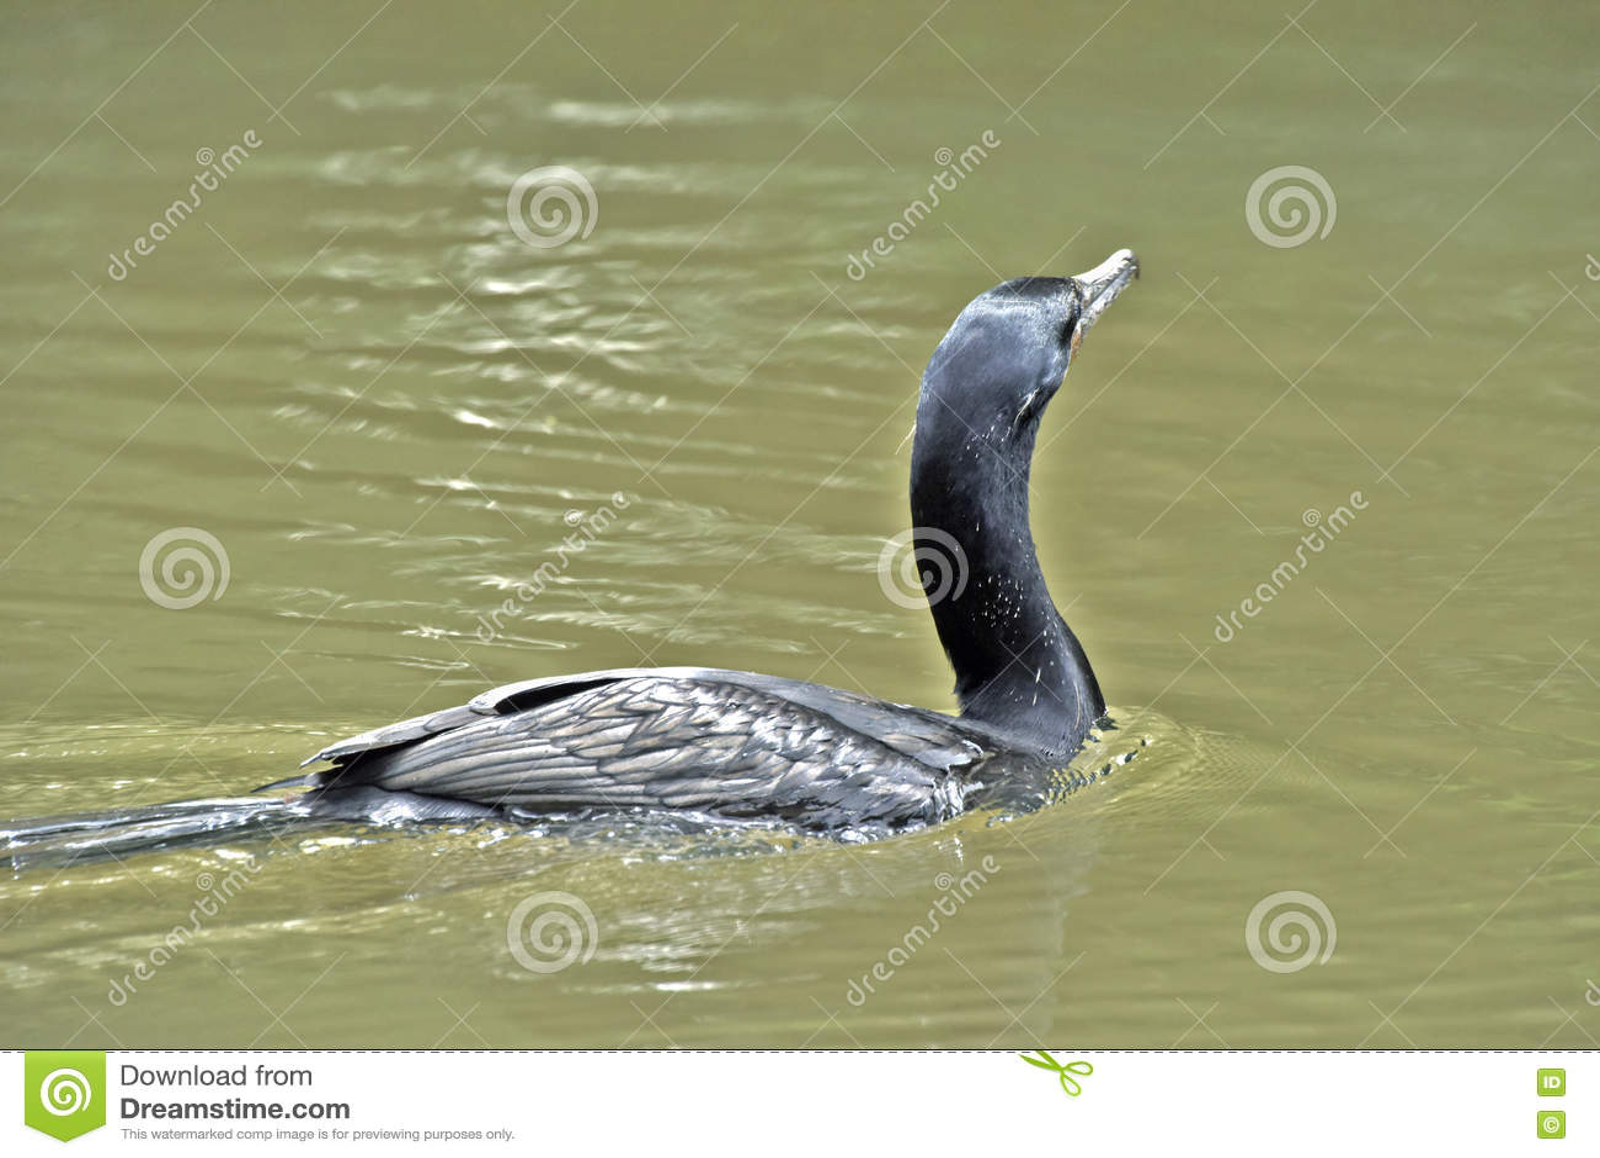 Бразильский баклан, птица очень общая в бразильских озерах